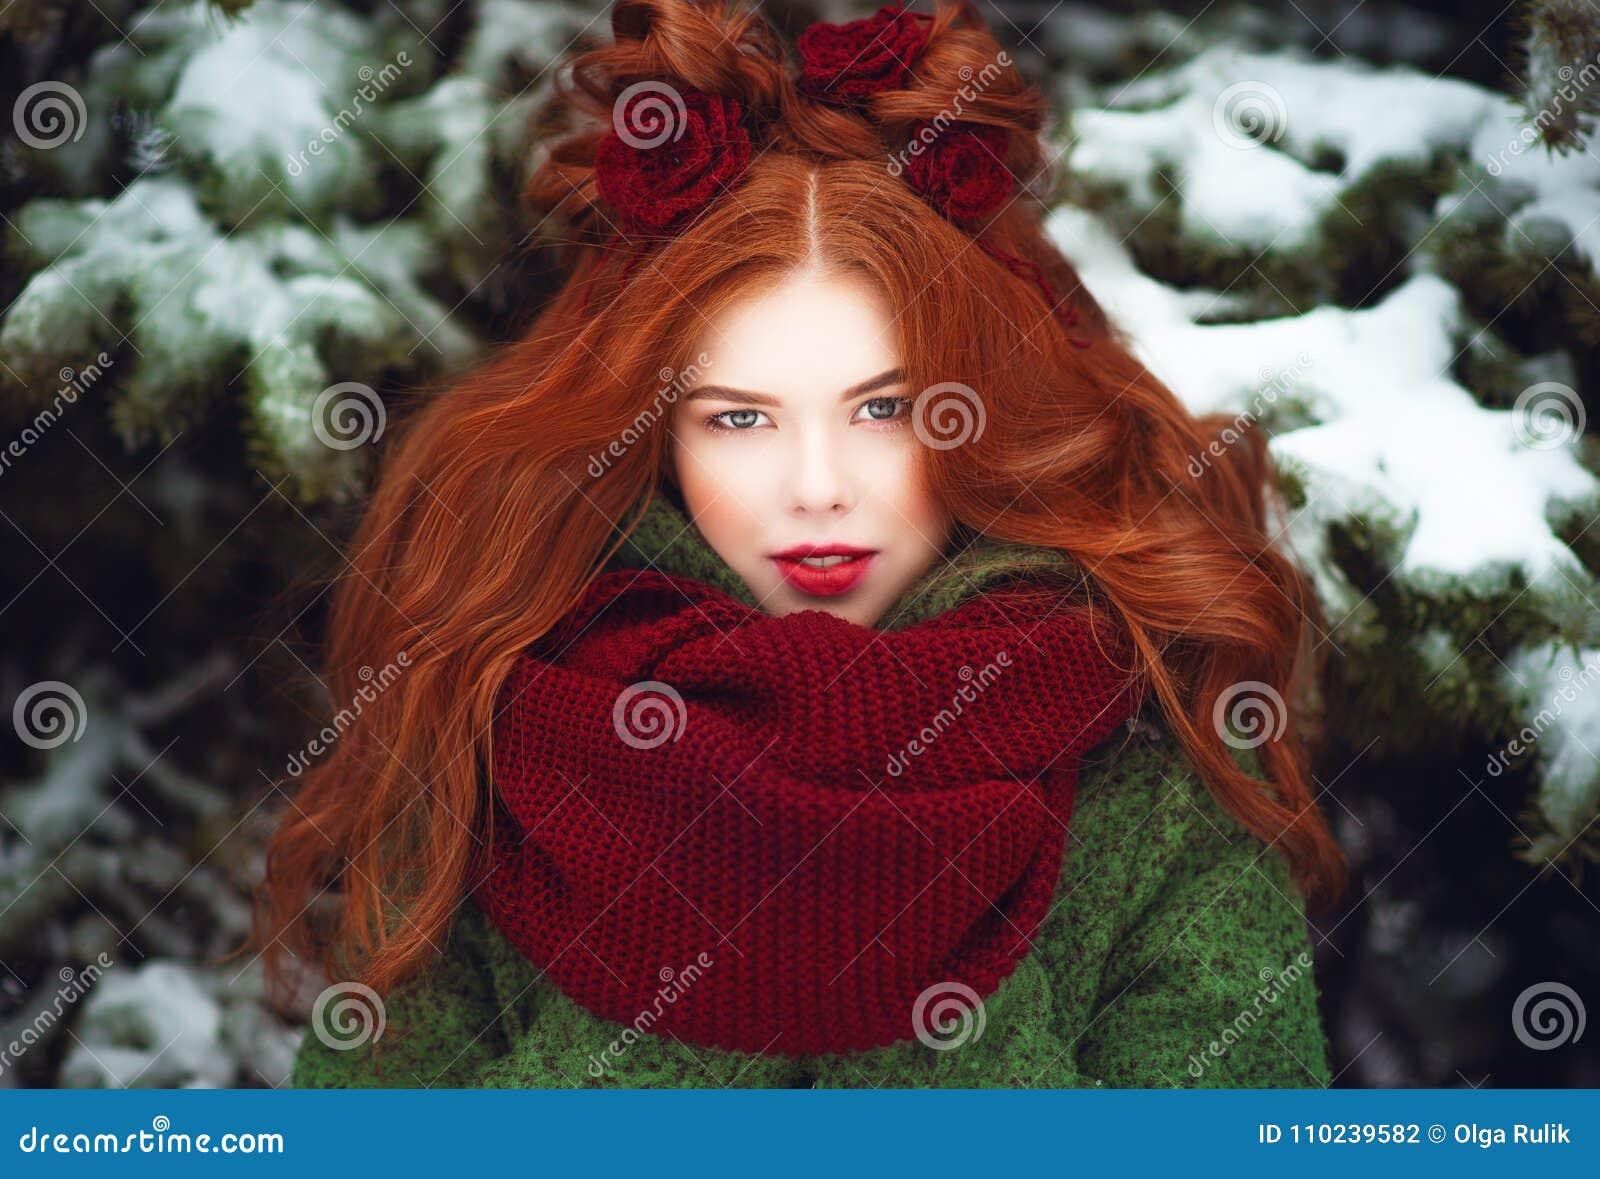 Olga Snow Nude Photos 2